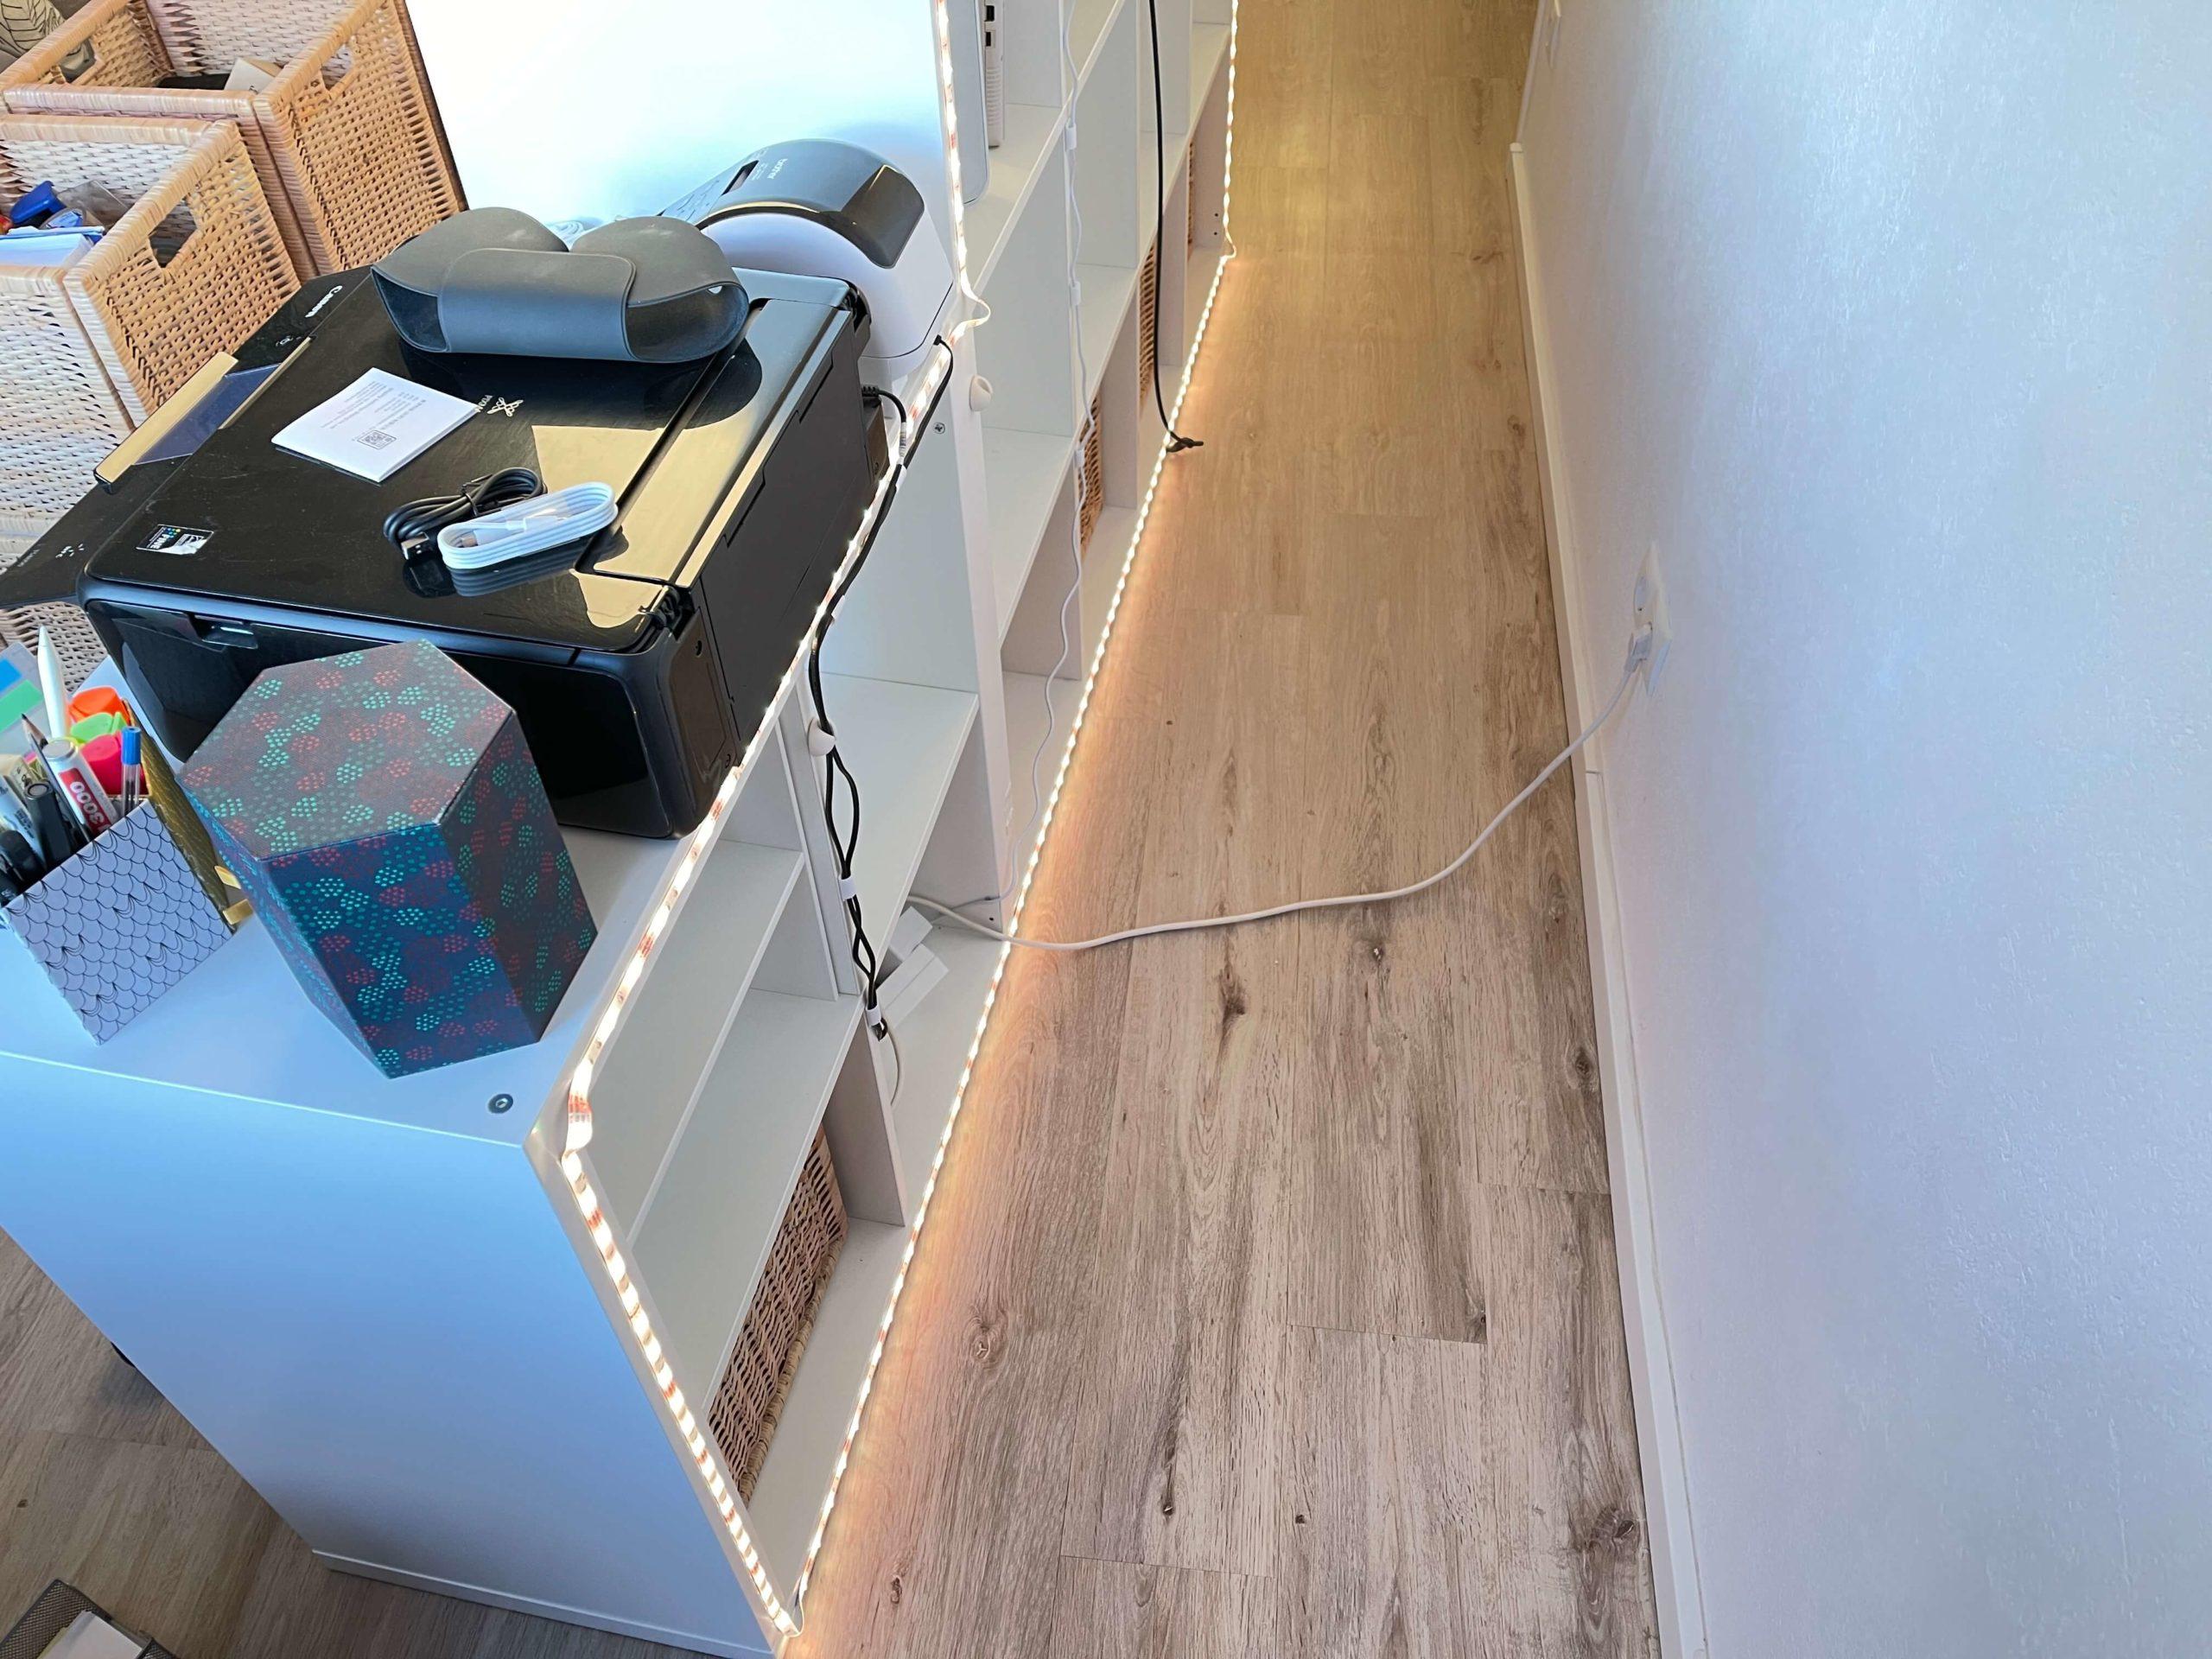 10-Meter-Apple-HomeKit-LED-Leuchtstreifen-von-Meross-gemuetliches-Akzentlicht4-scaled 10 Meter Apple HomeKit LED-Leuchtstreifen von Meross - gemütliches Akzentlicht